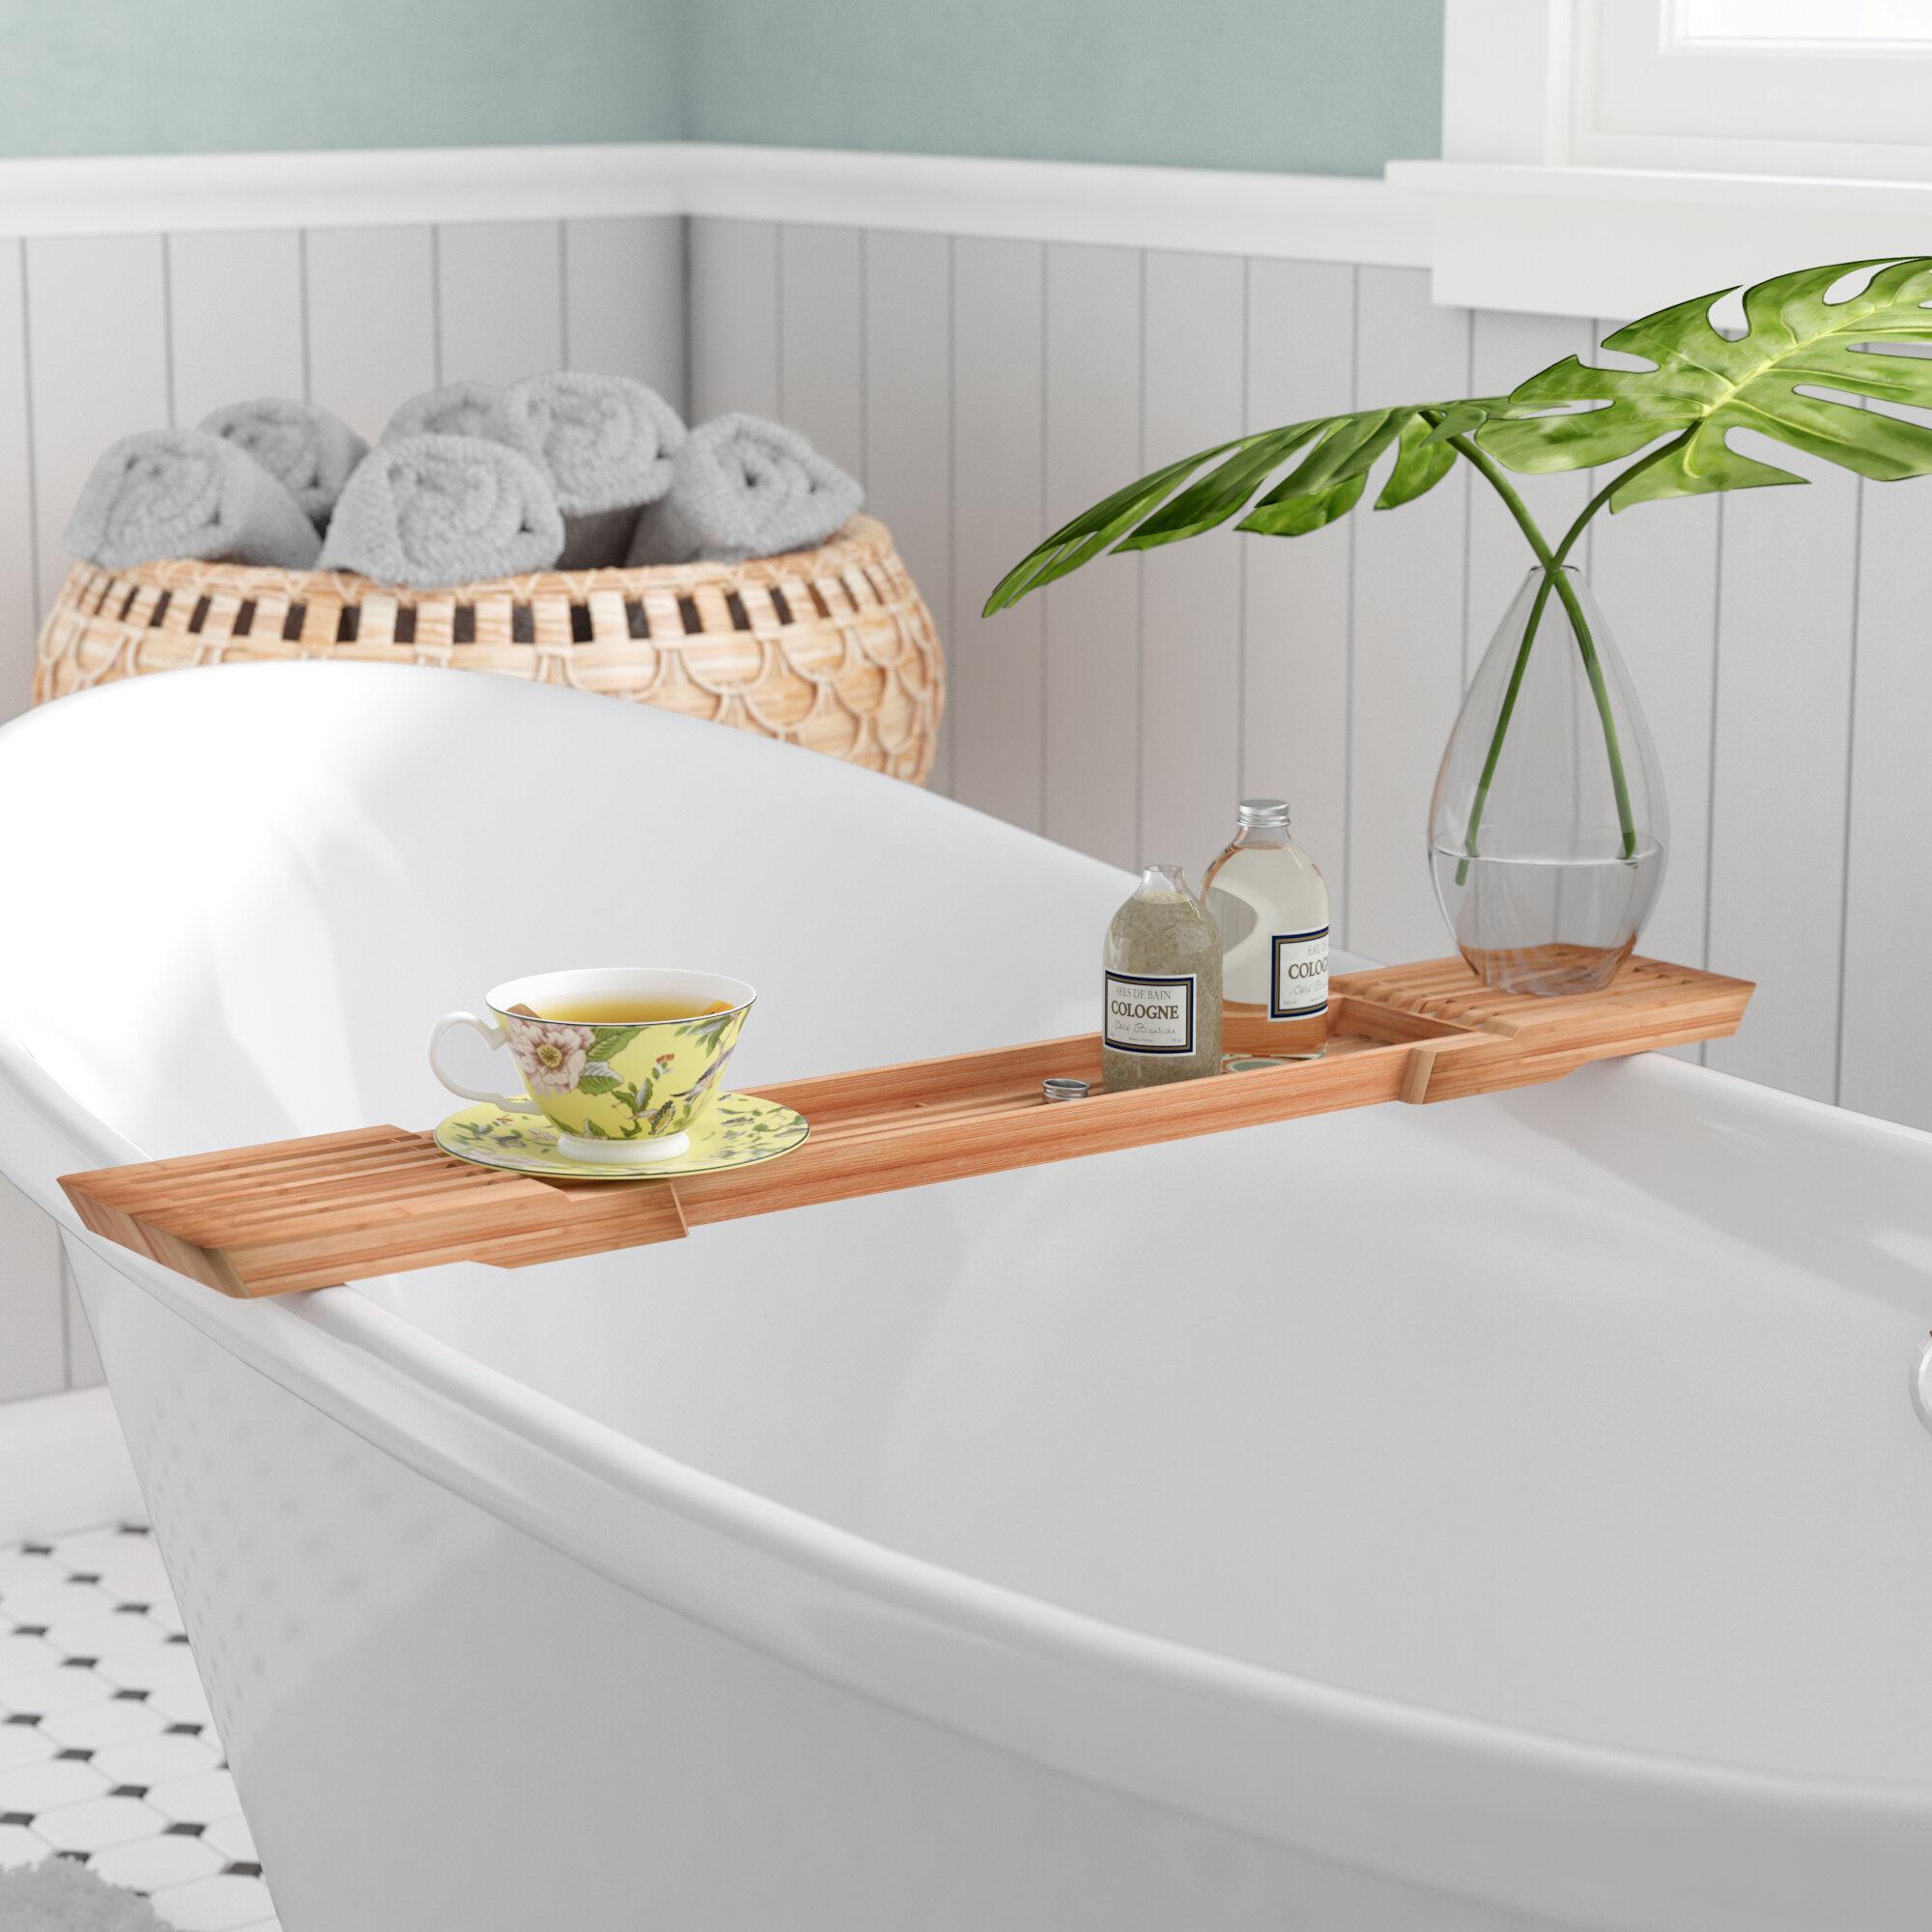 taymor size caddy tub ideas excellent bath wonderful full teak decor shelf bathroom bathtubs bathtub pictures charming canada bamboo